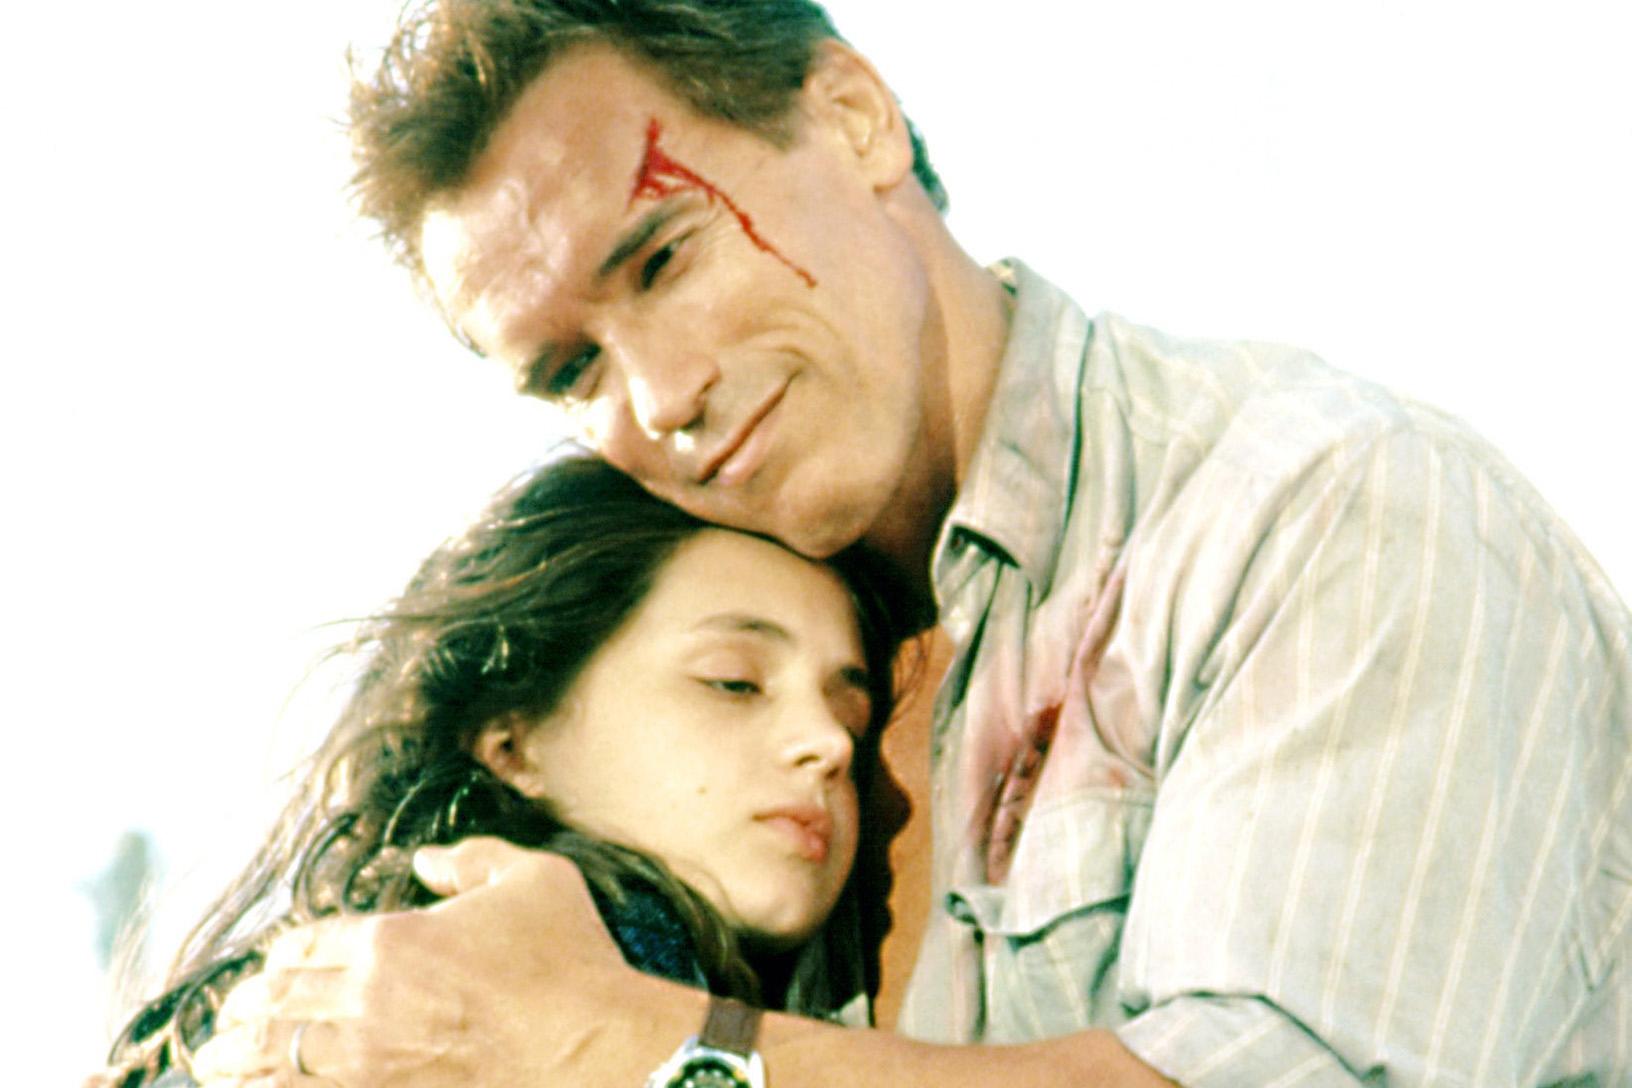 Eliza Dushku and Arnold Schwarzenegger in 'True Lies' 1994